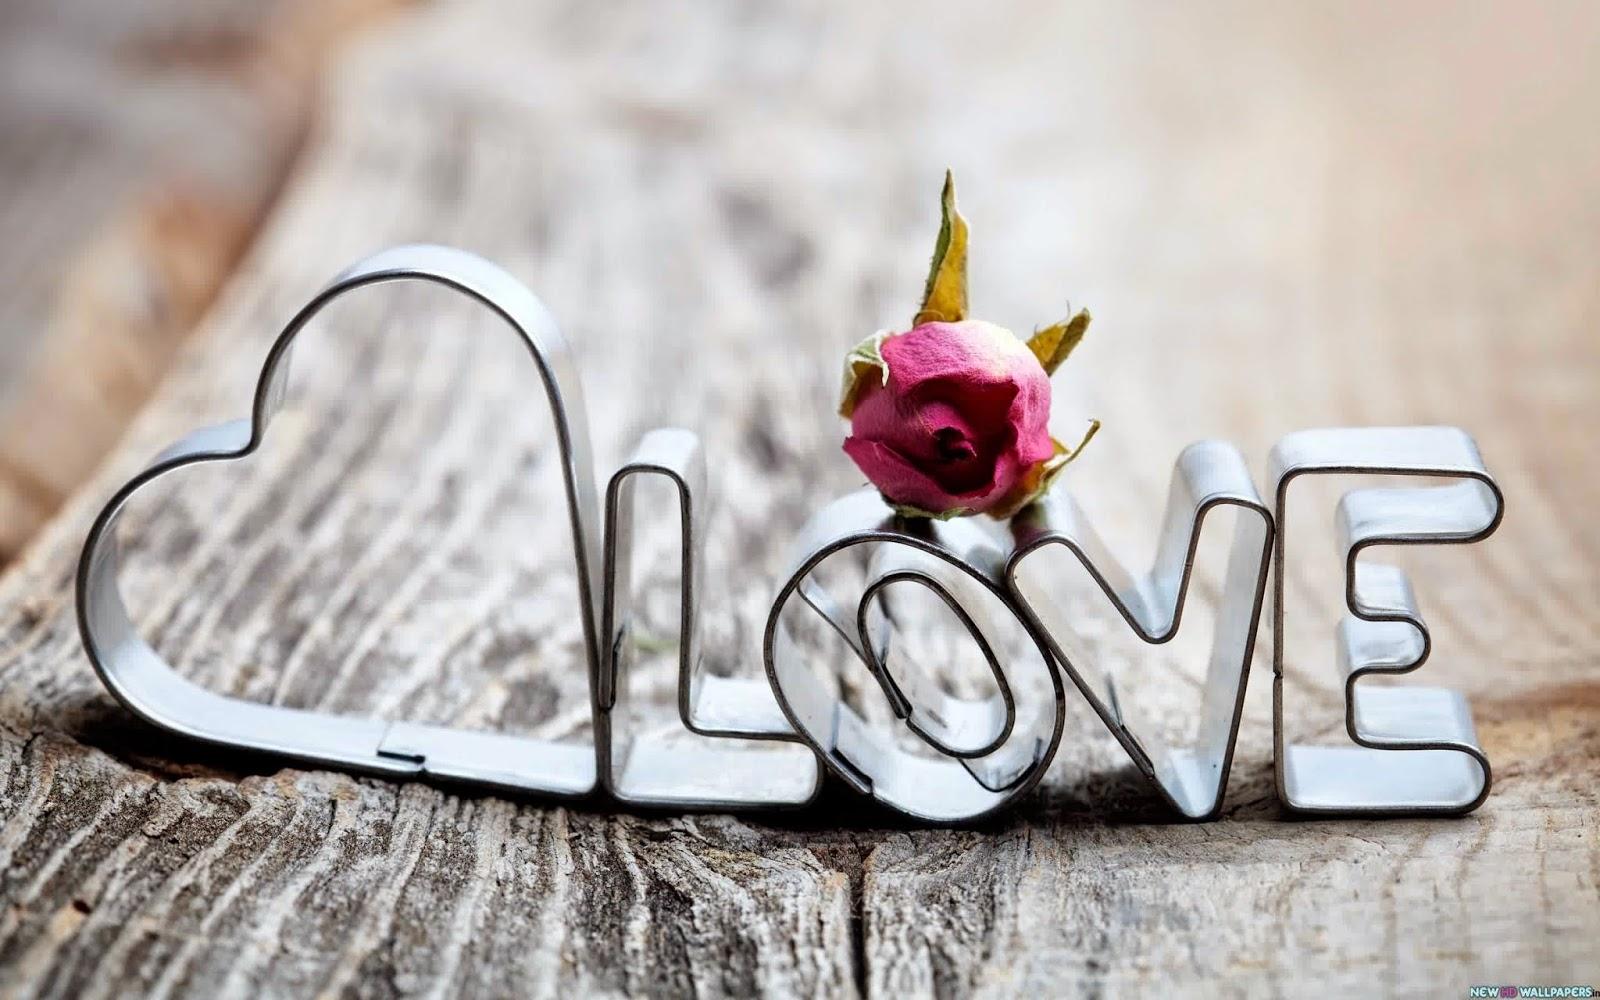 صور حب ورومانسية وعشق صور للمخطوبين والمتزوجين والمرتبطين بالحب (86)